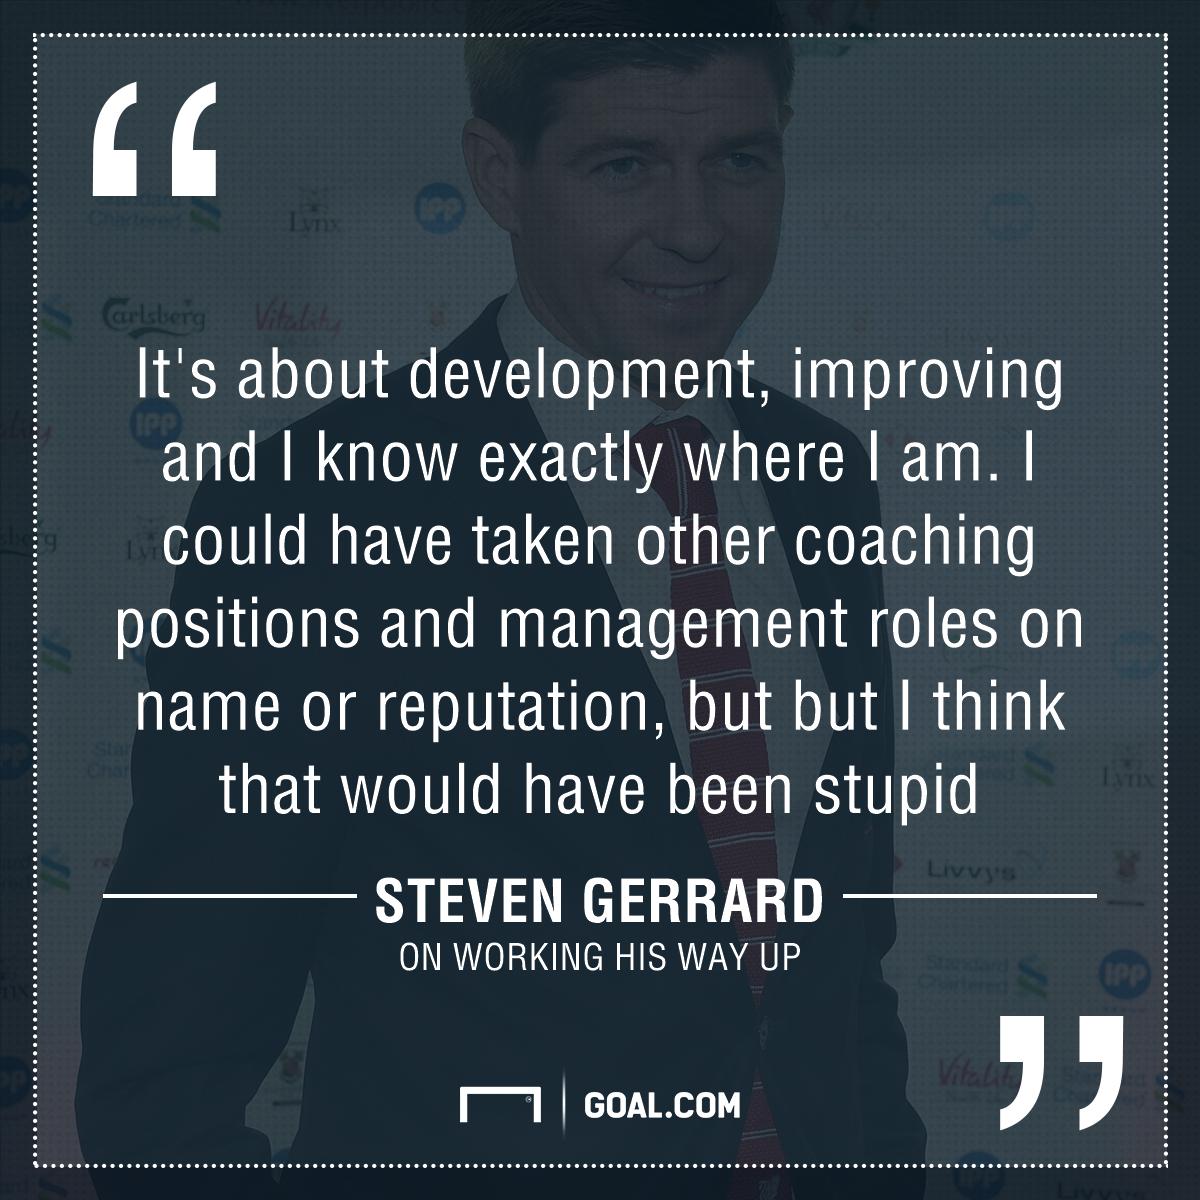 GFX Steven Gerrard quote management